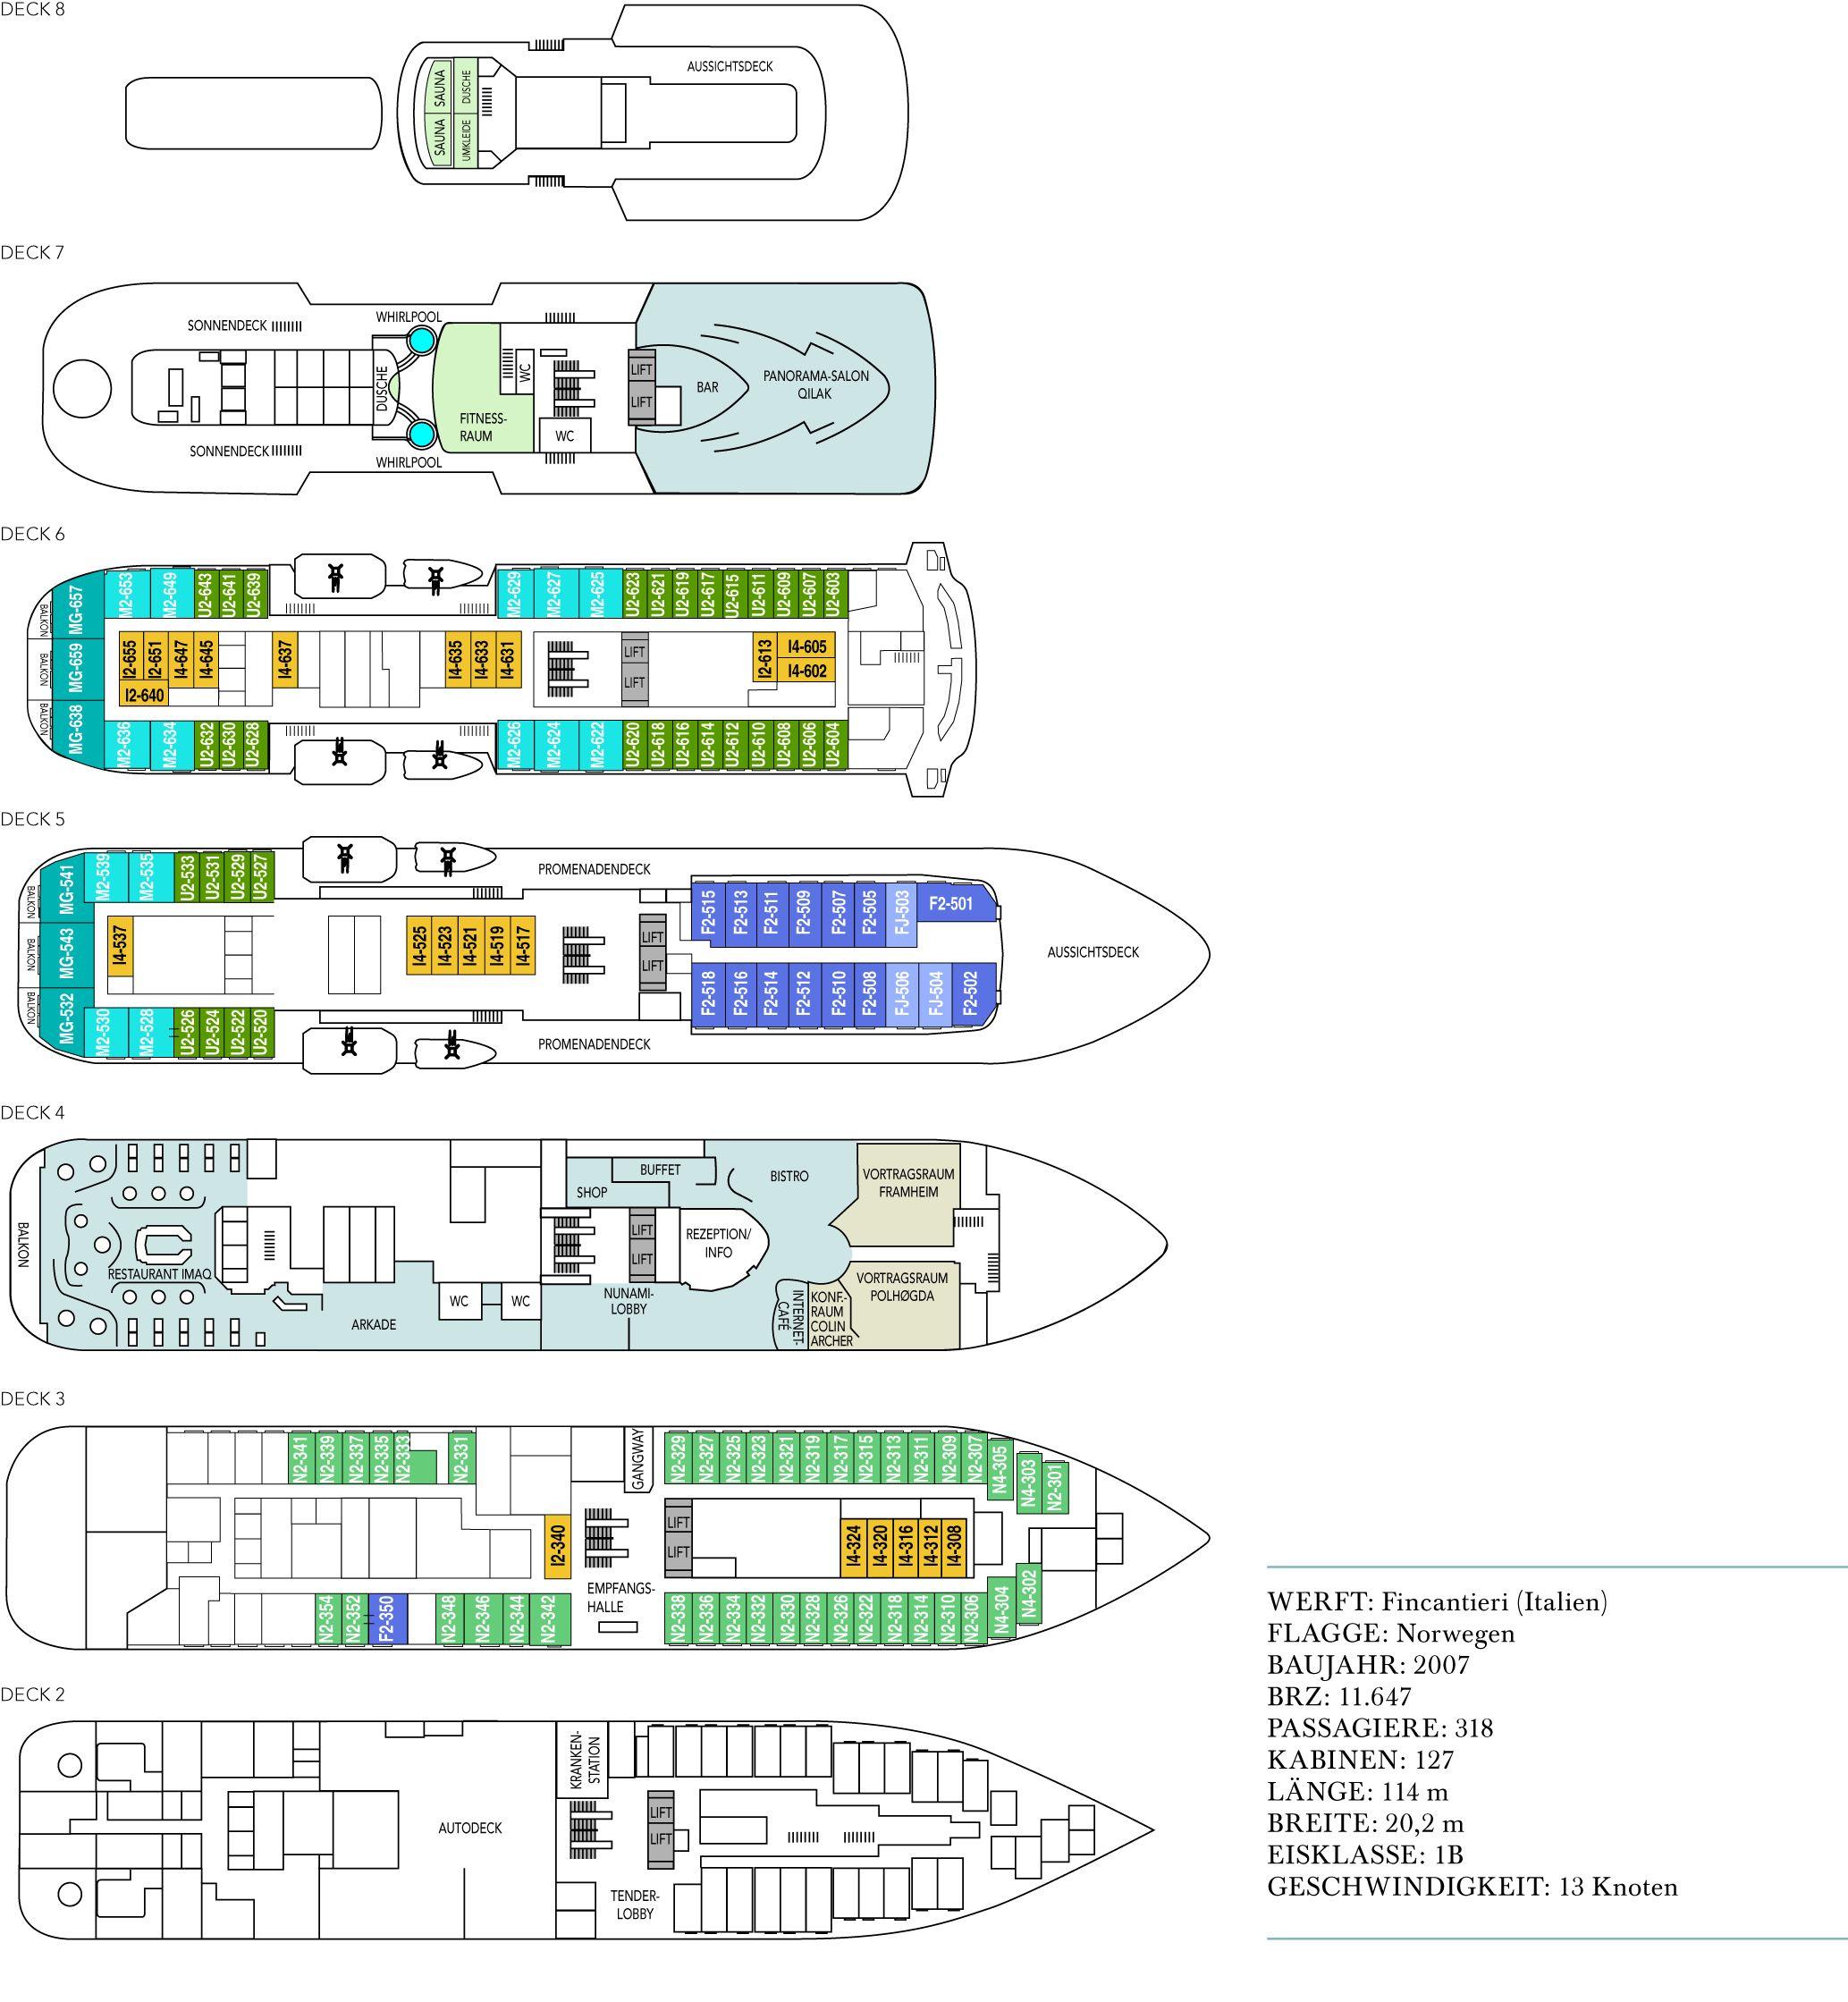 MS Fram (co Hurtigruten)